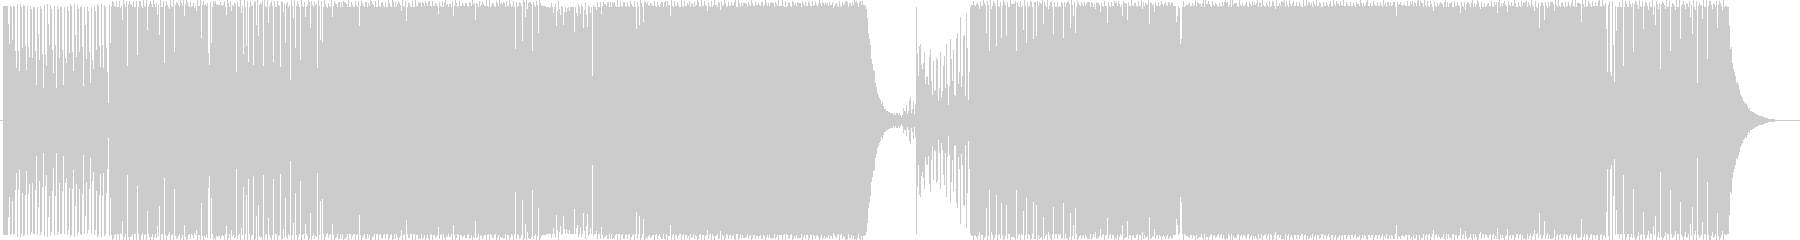 テクノ/アンダーグラウンド/疾走感の未再生の波形